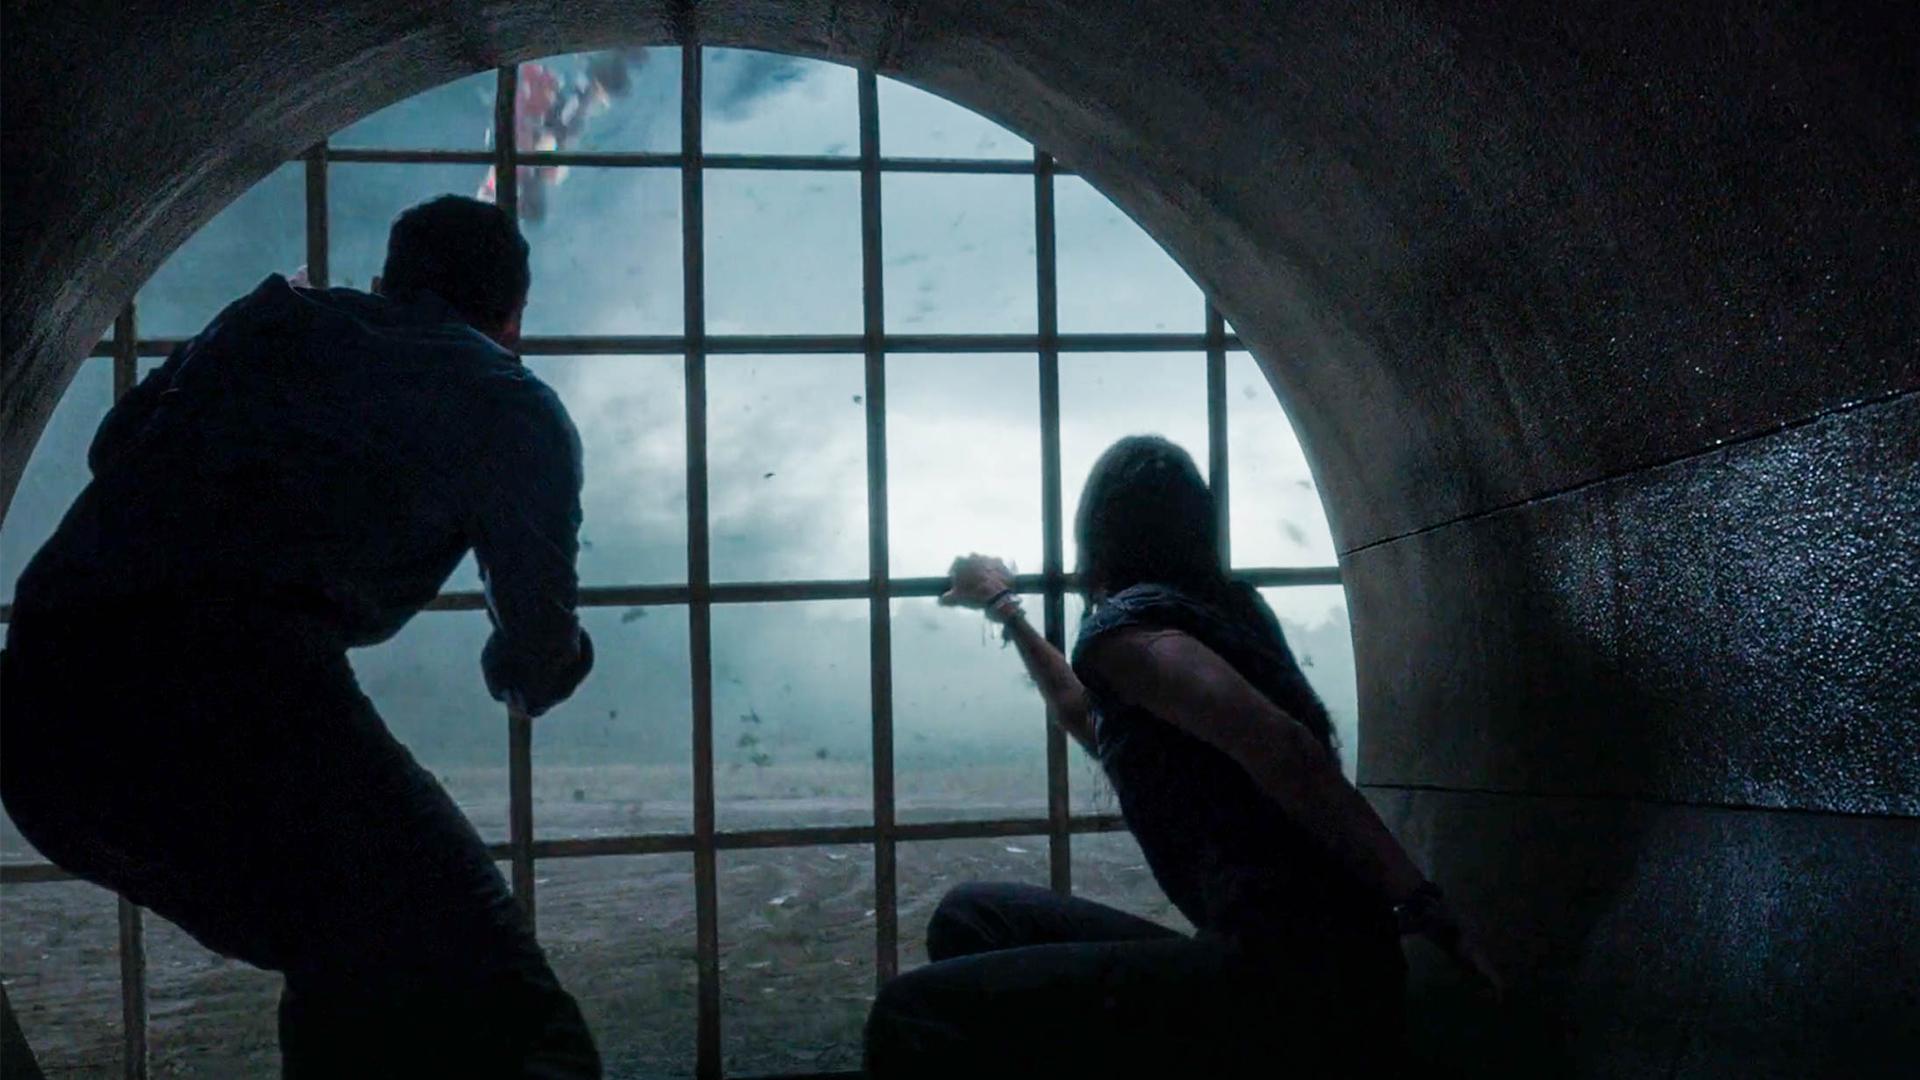 恐怖天灾来袭,一行人躲在下水道内,看着外面的景象绝望异常